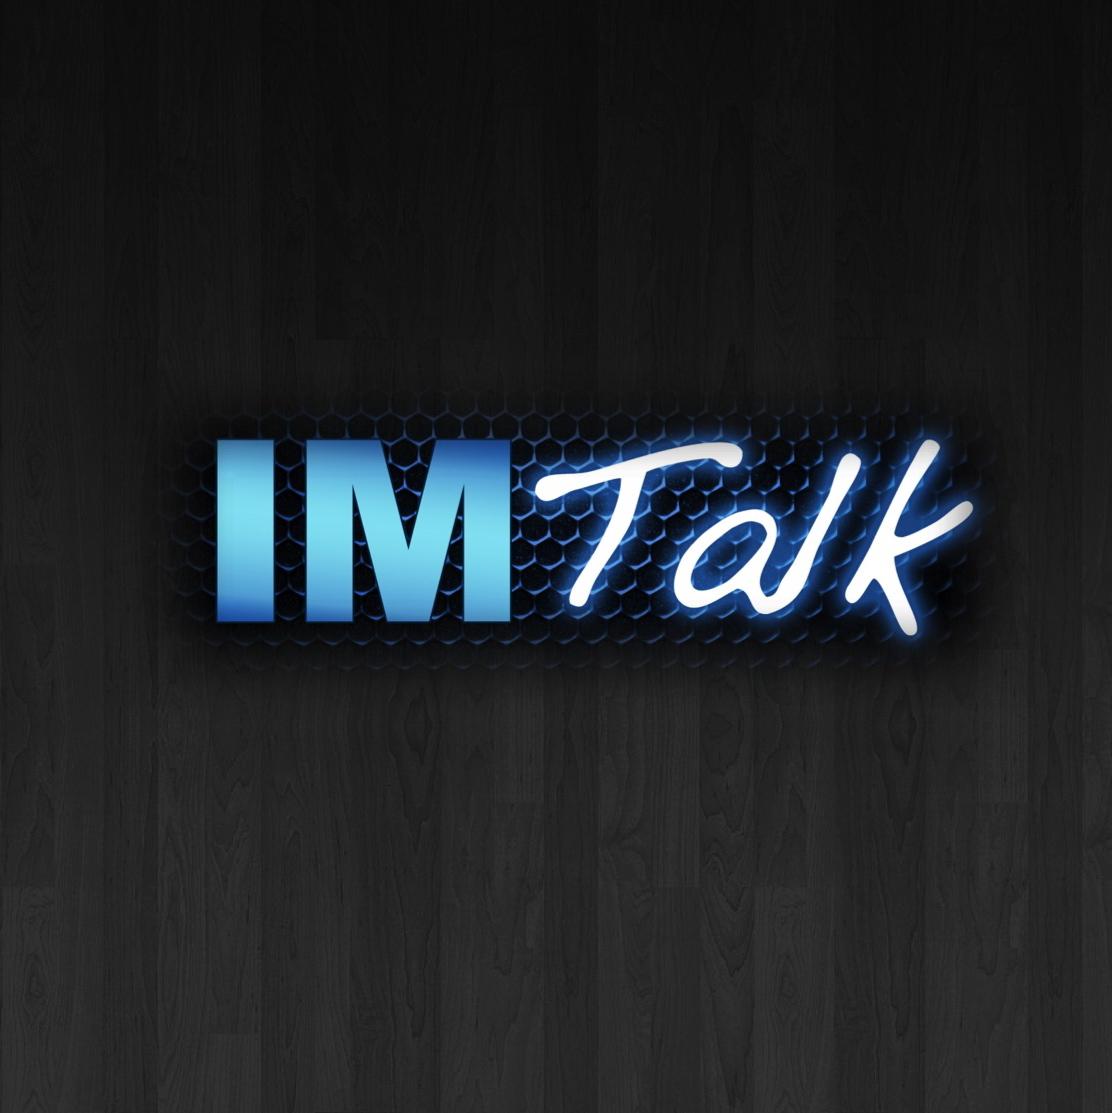 IMTalk Episode 708 - Ken Glah show art